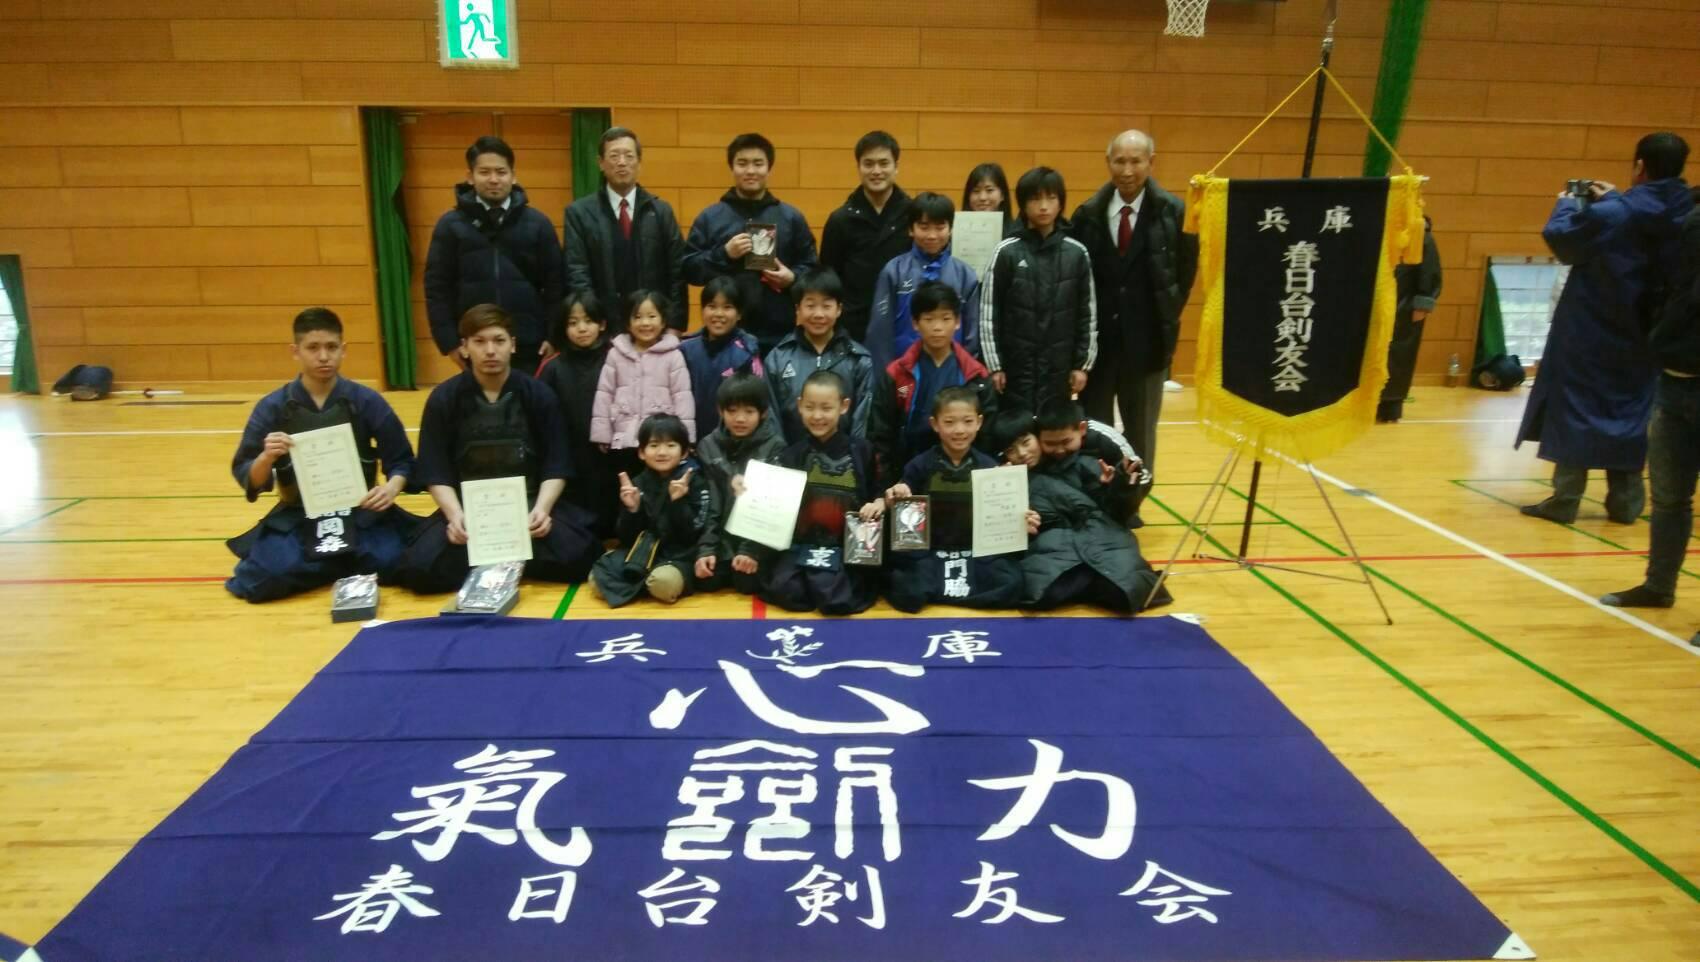 第12回神戸市道場親善剣道大会に参加しました